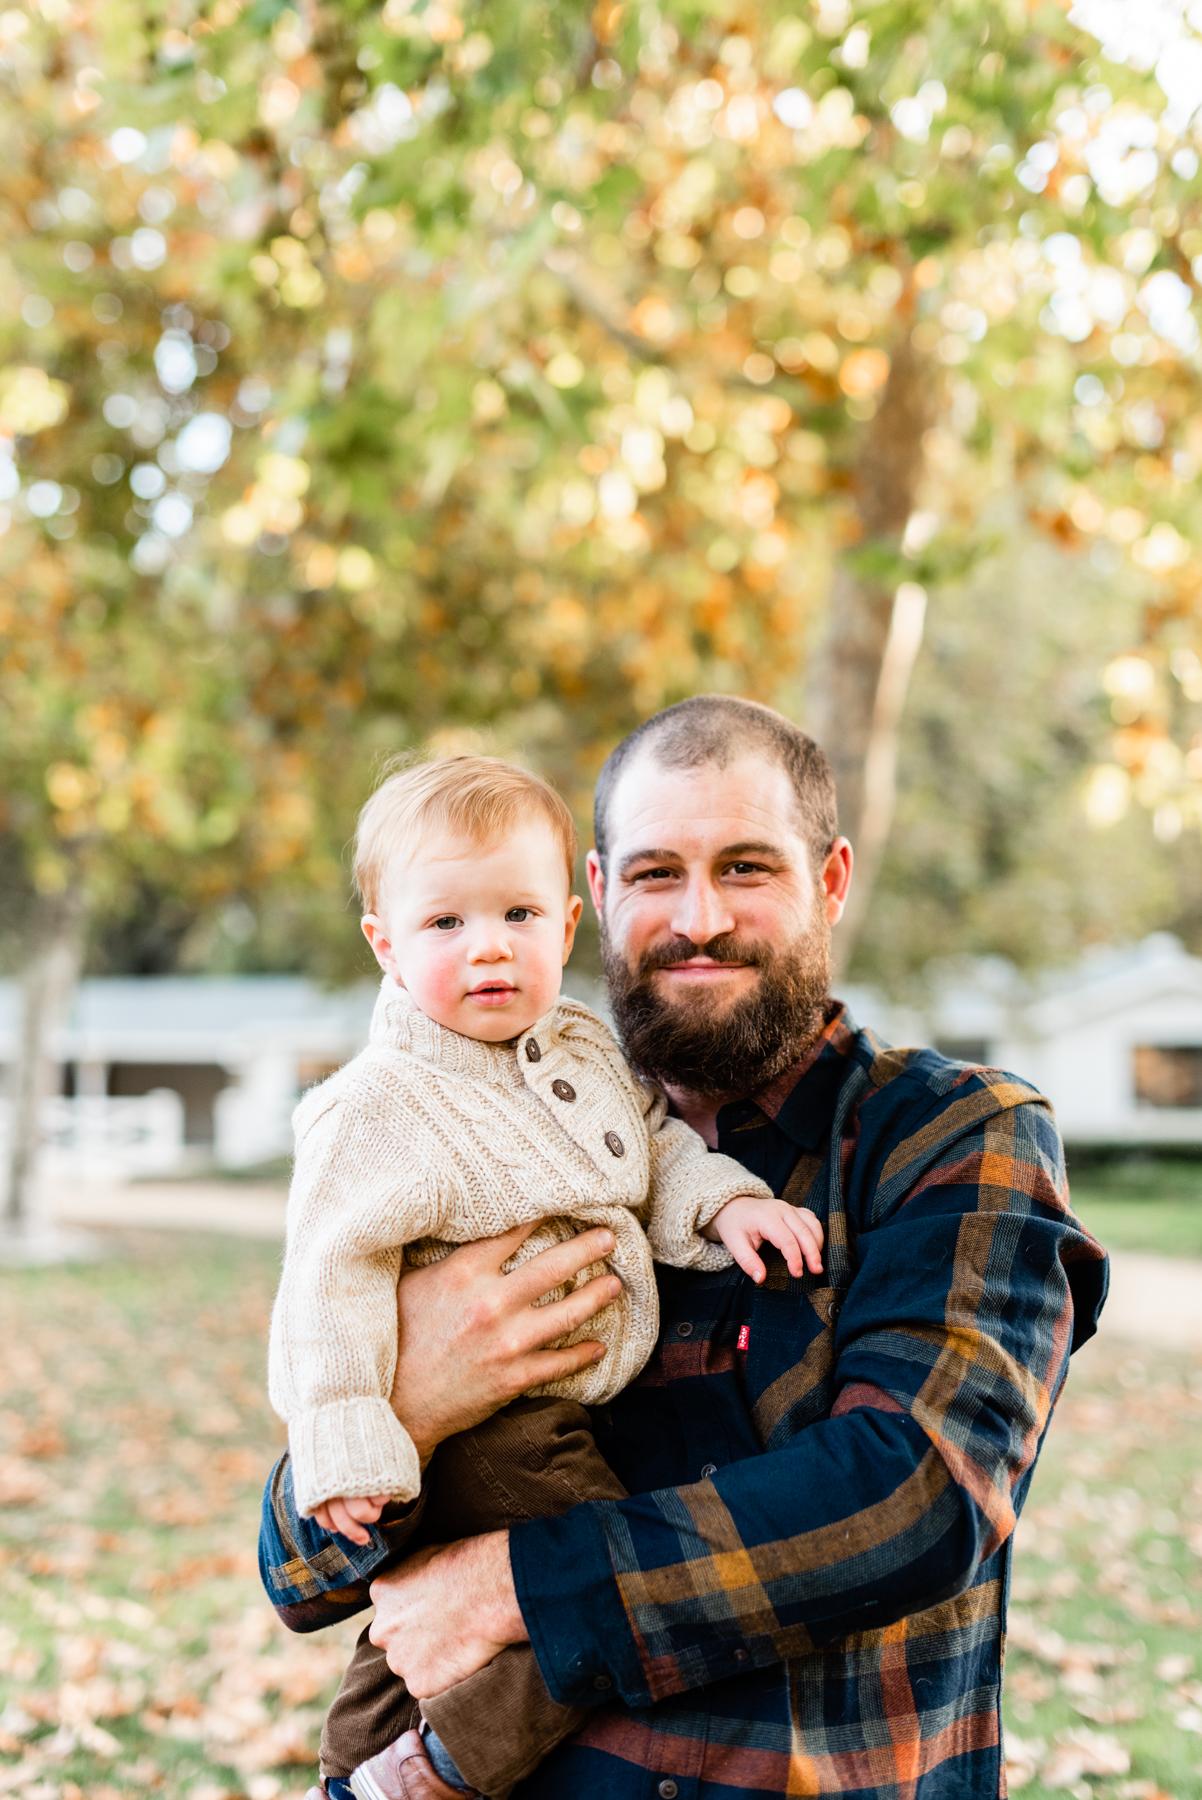 Father and son portrait in Danville, CA.